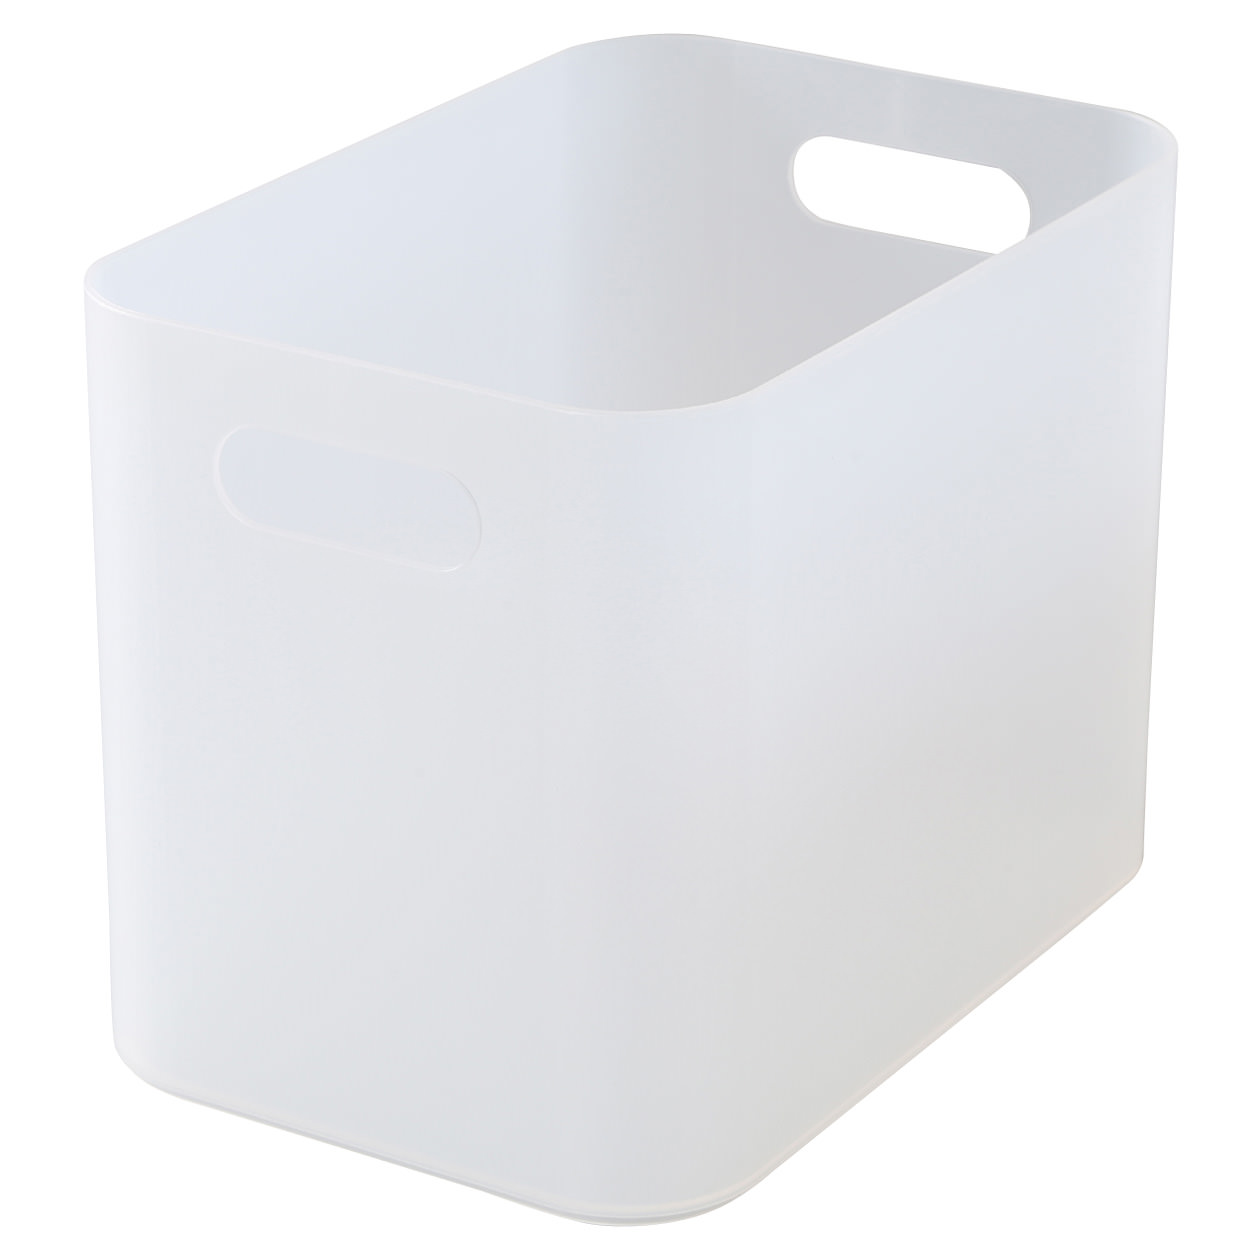 ポリプロピレンメイクボックス (新)約150×220×169mm